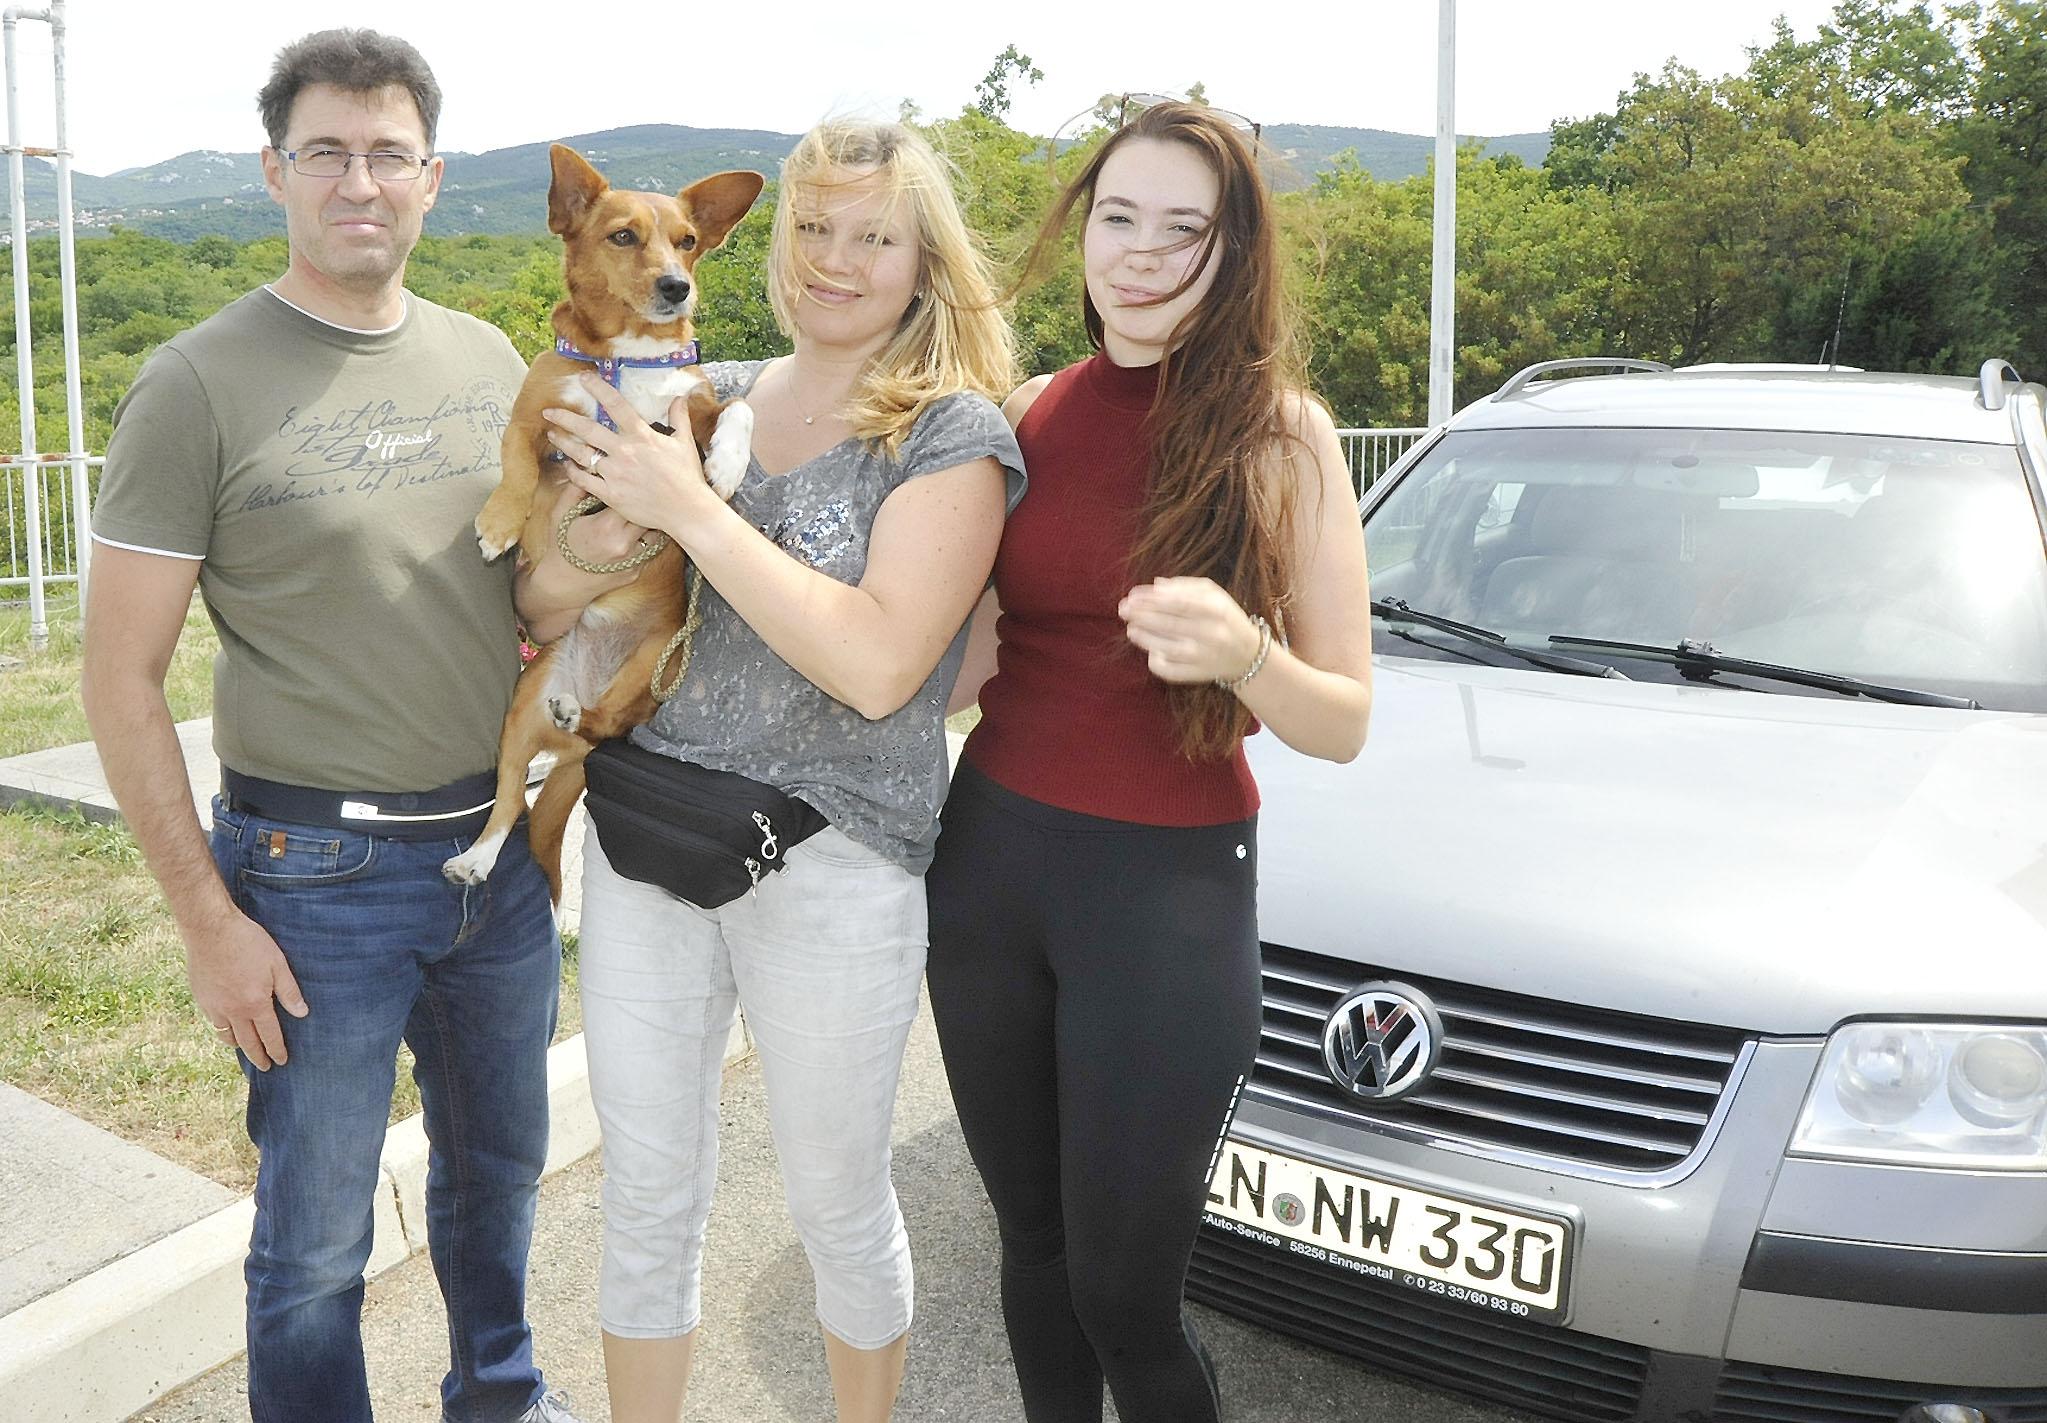 Wladislav, Nelli i Lea Hoffmann dobro su se pripremili za ljetovanje u Baški / Foto S. DRECHSLER